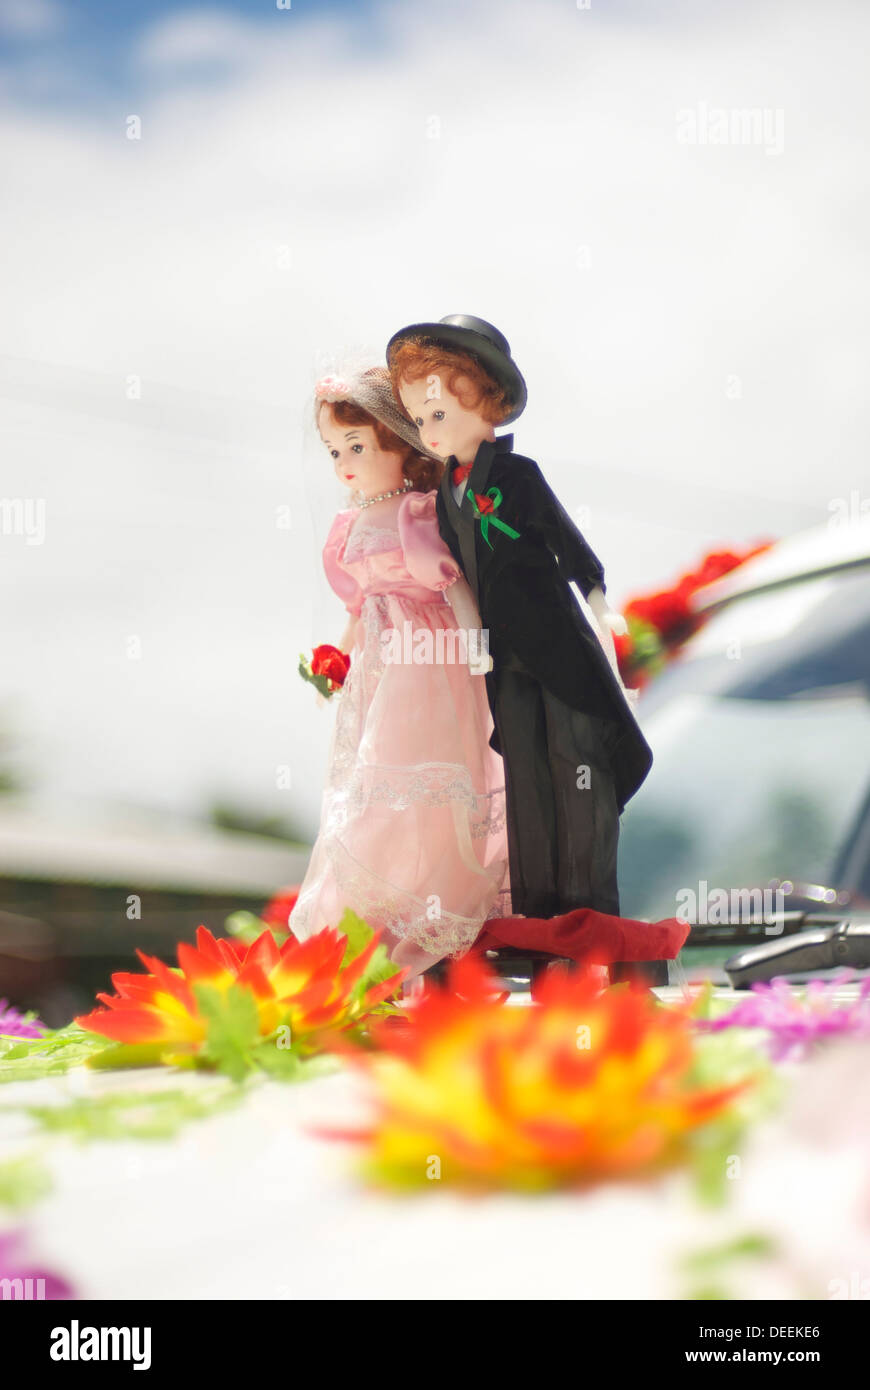 Miniatura pareja inteligente basado en frente coche listo para boda con flores sobre sus pies Foto de stock